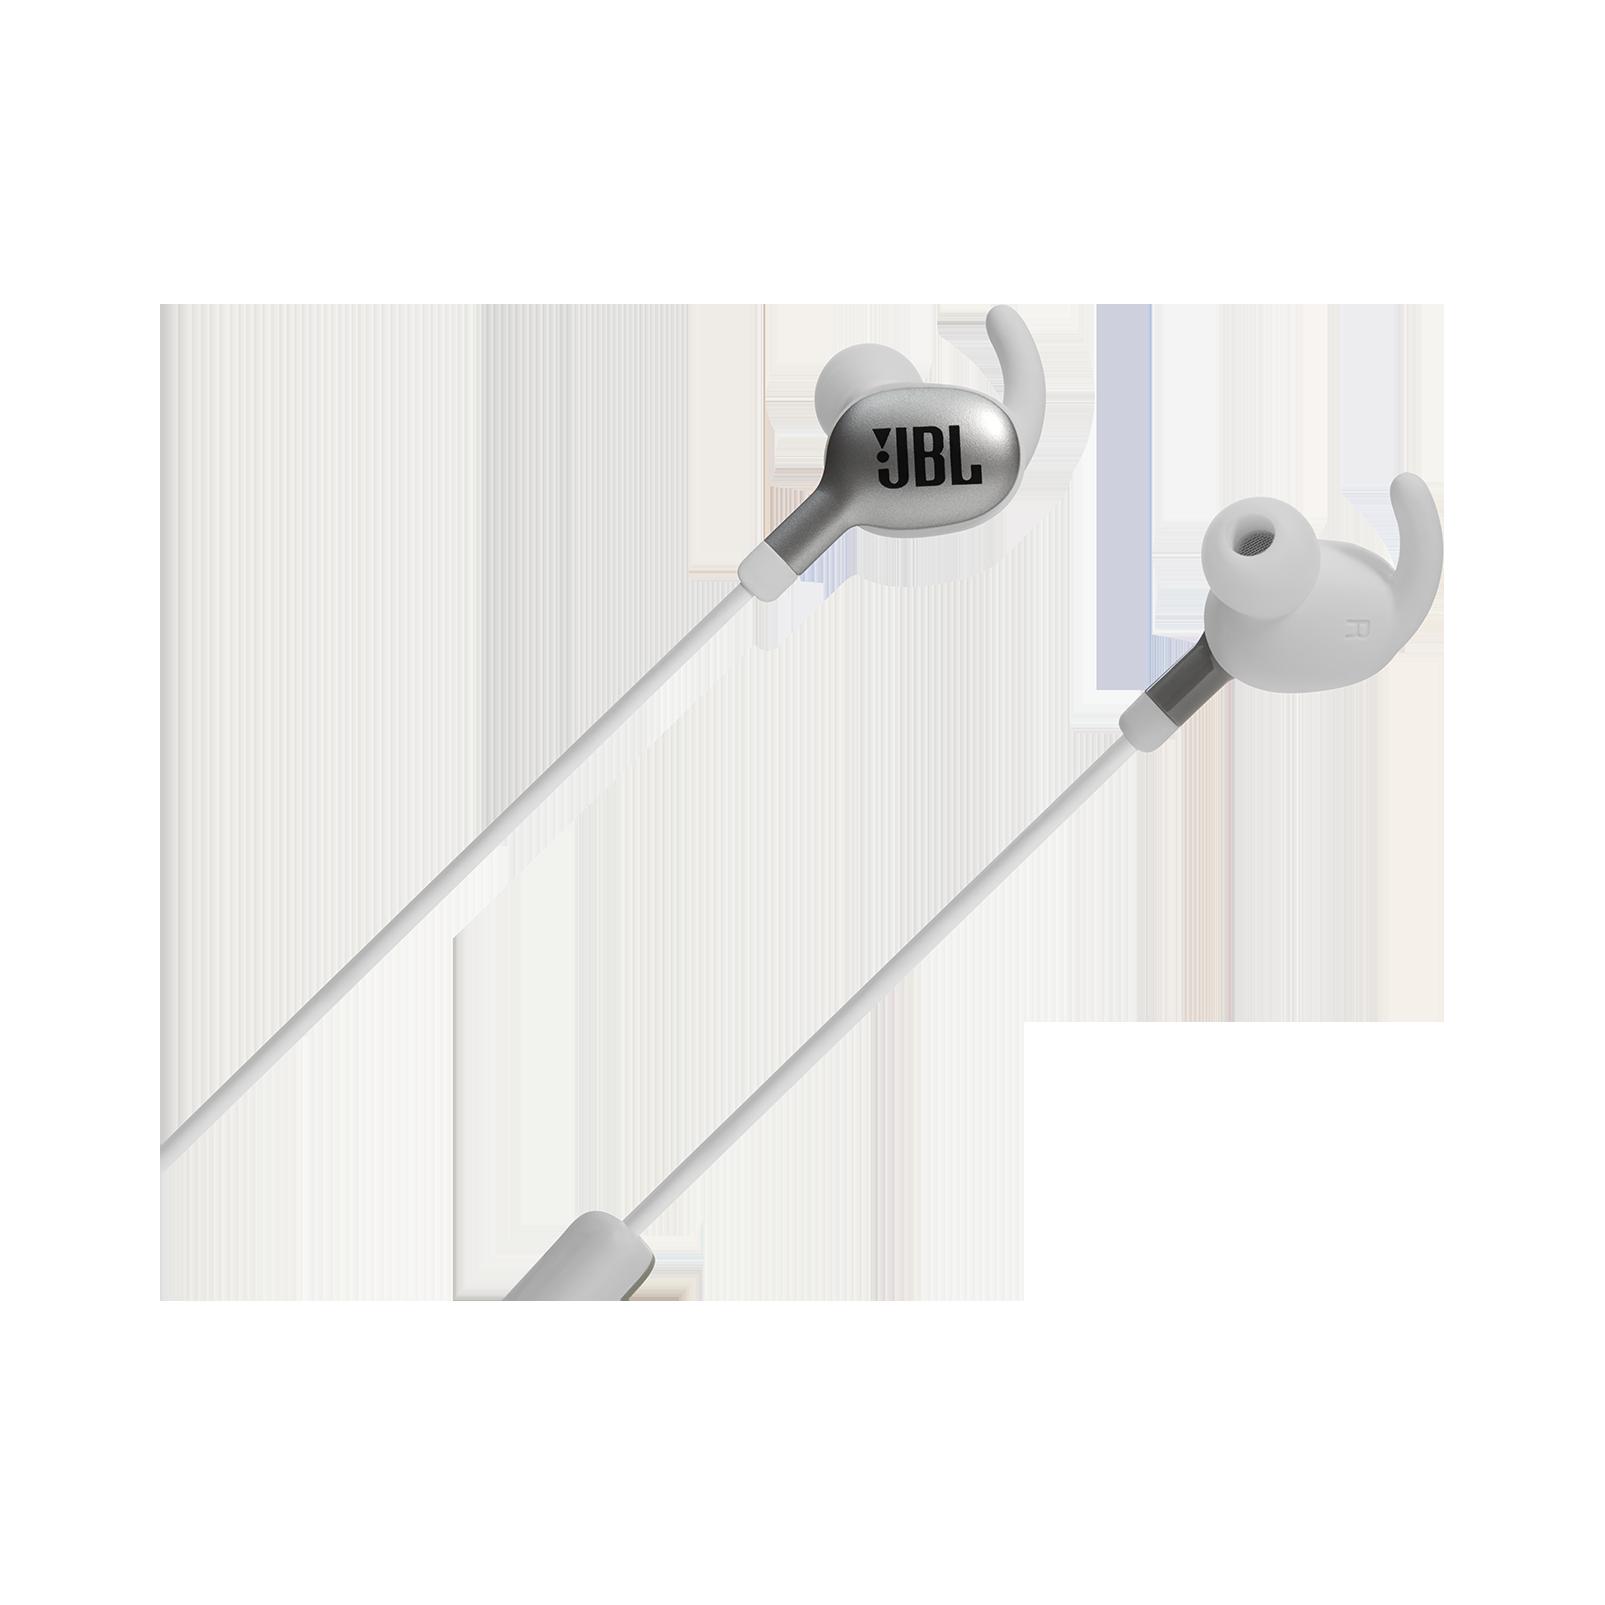 JBL EVEREST™ 110 - Silver - Wireless In-ear headphones - Front